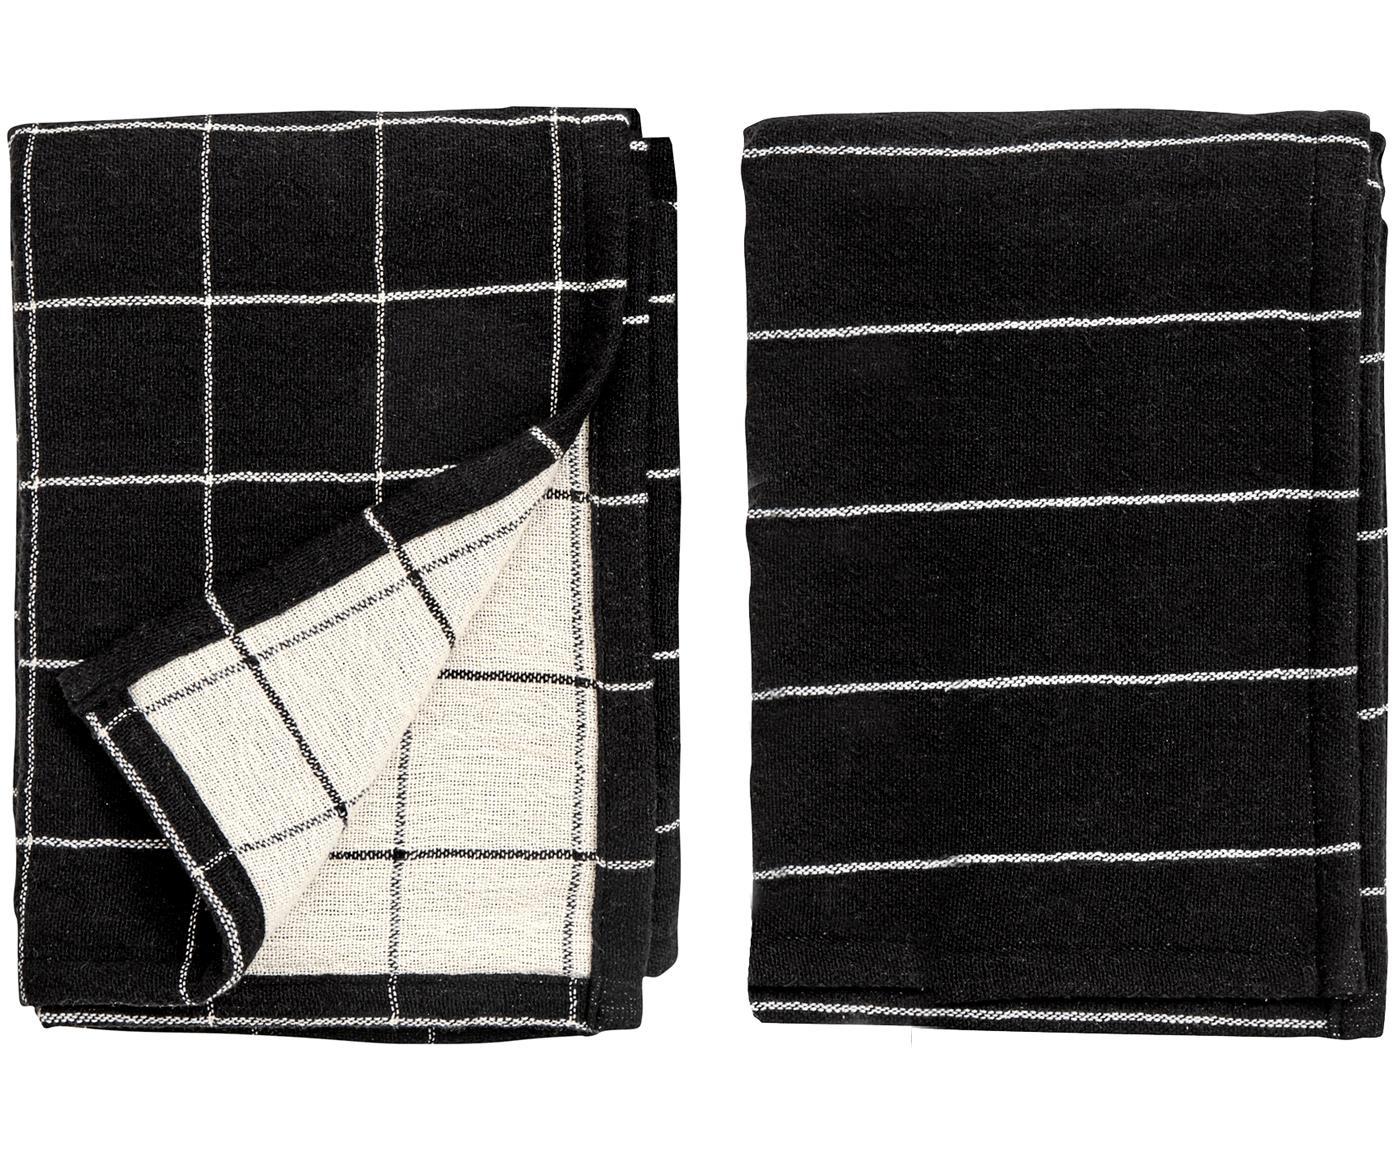 Geschirrtücher-Set Rick, 2 Stück, Baumwolle, Anthrazit, gebrochenes Weiß, 50 x 70 cm